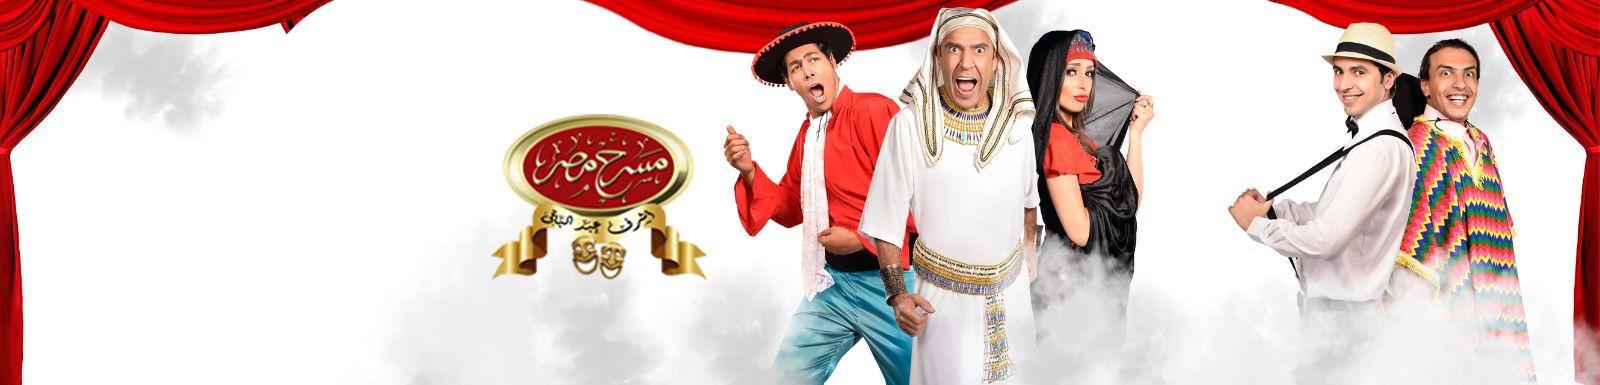 تحميل مسرحية مسرح مصر الحلقة 3 MBC shahid شاهد نت